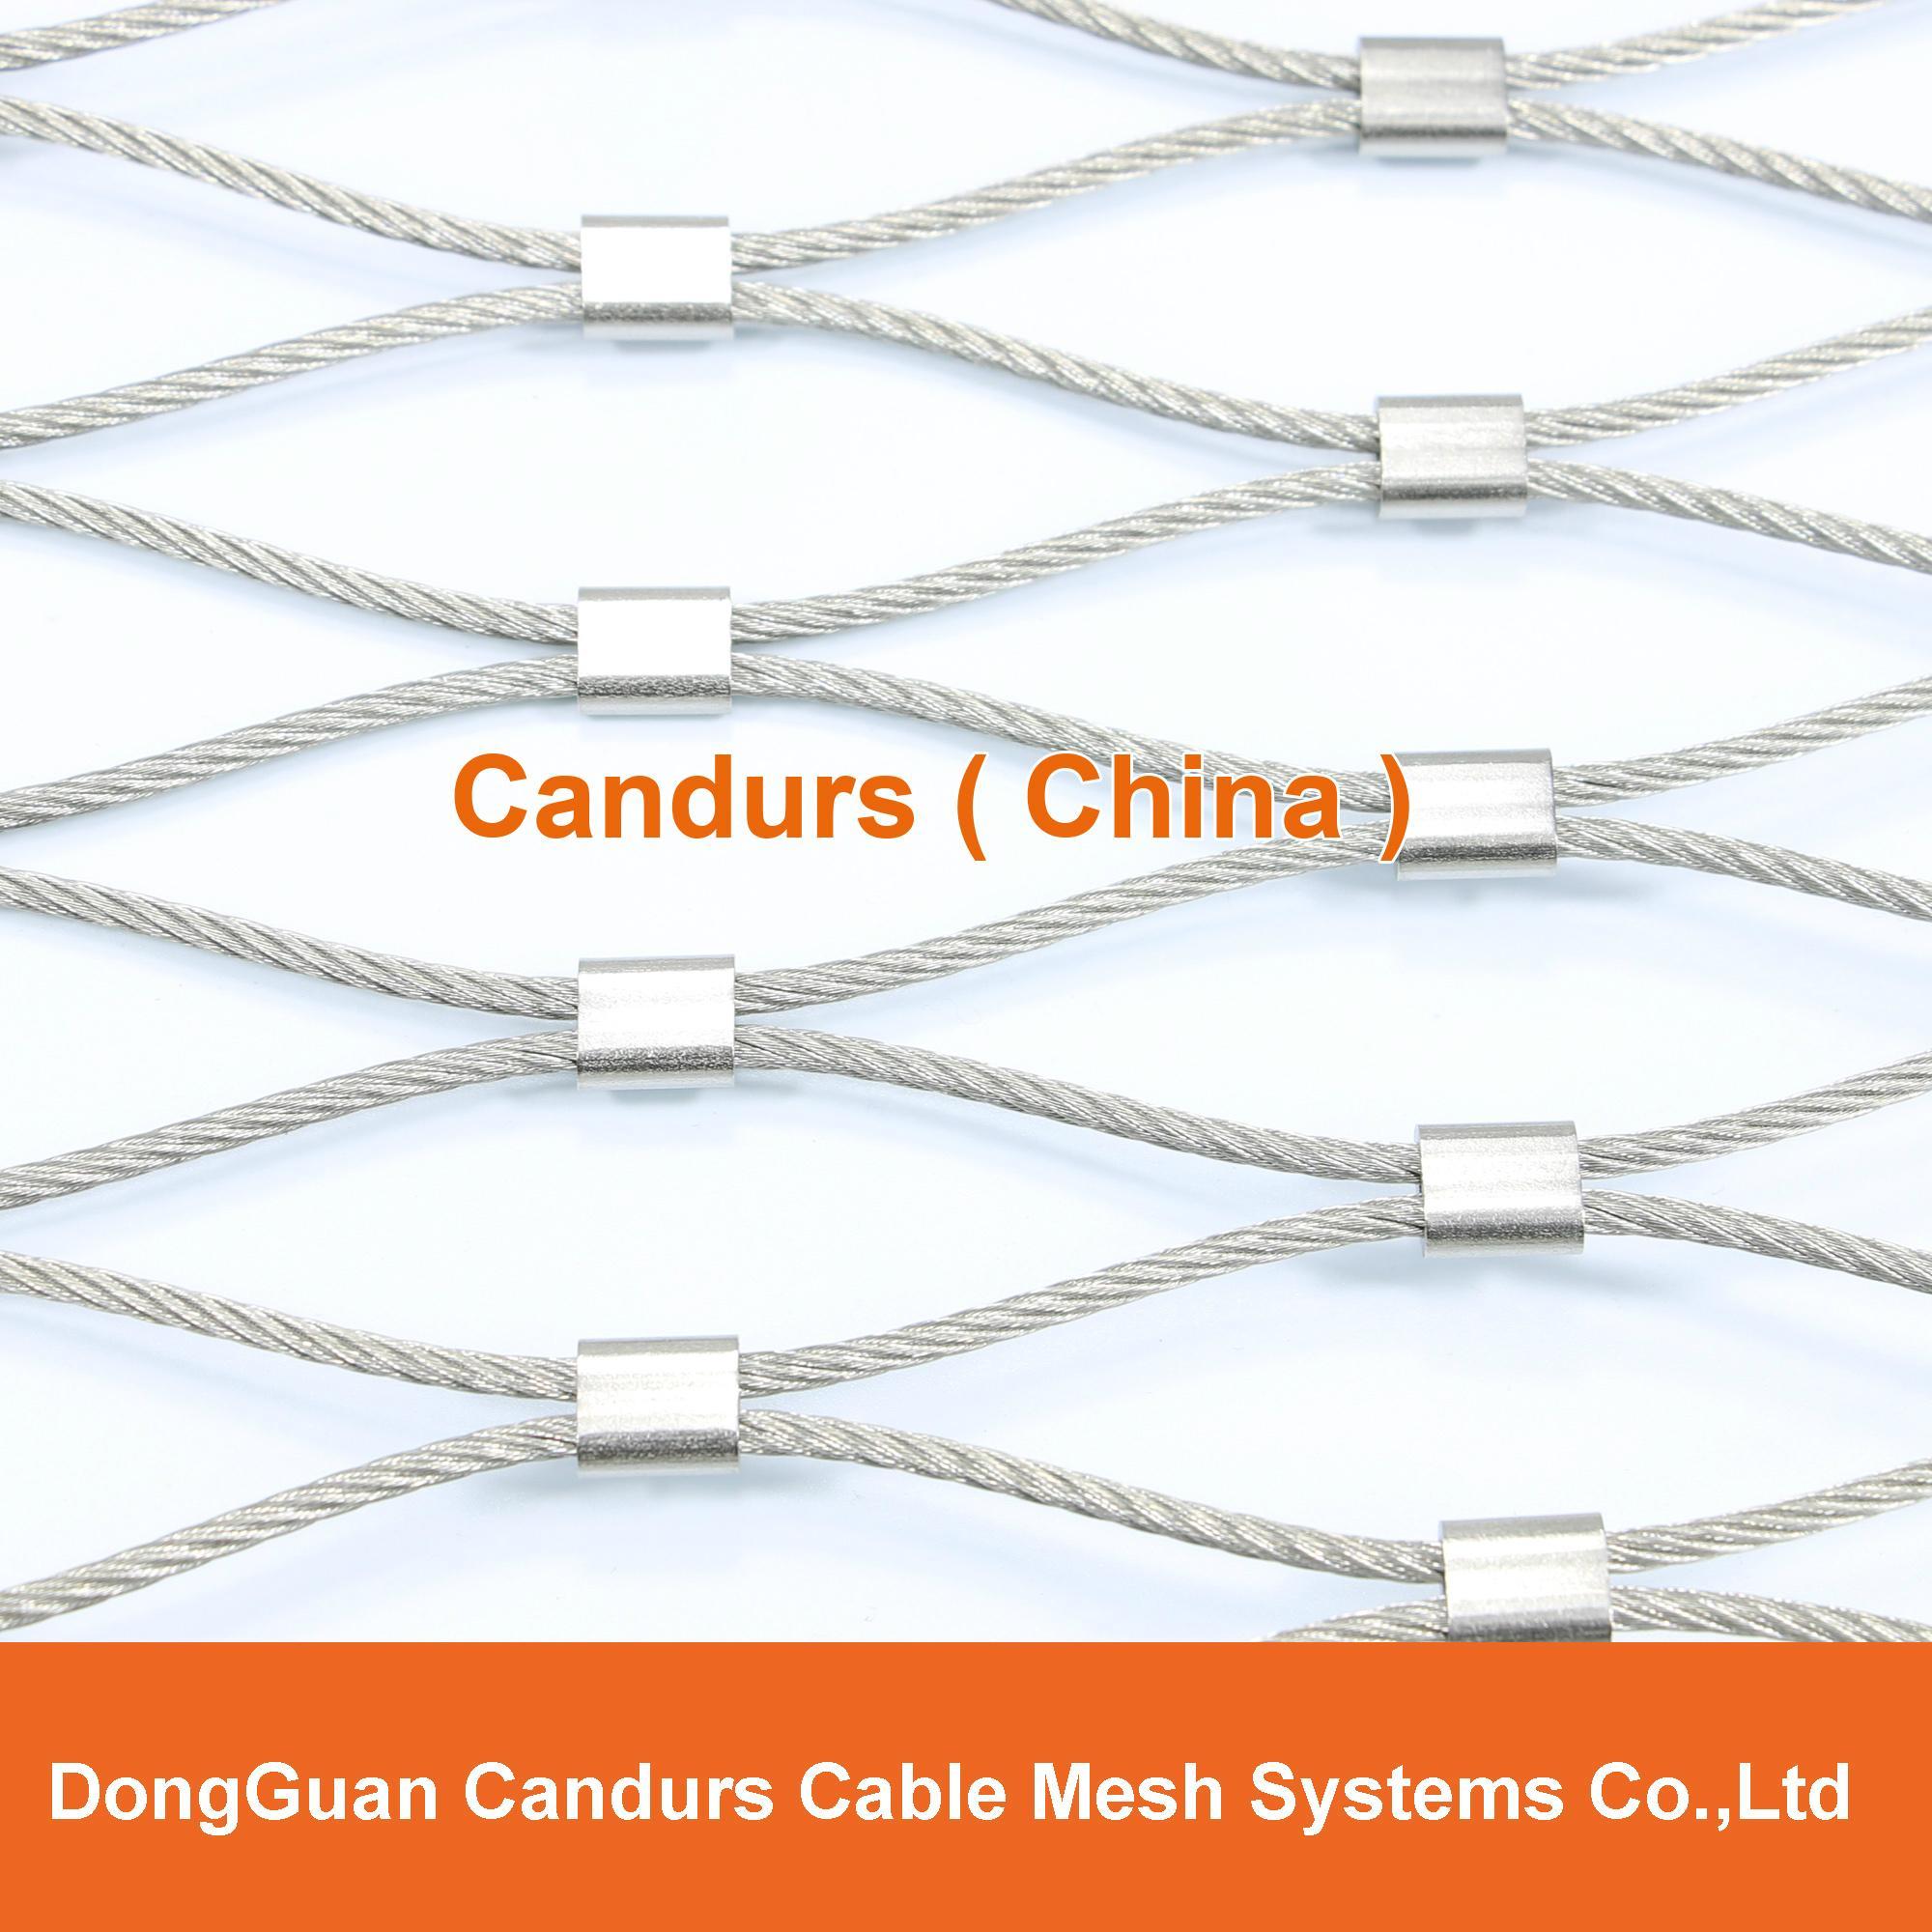 不鏽鋼絲繩欄杆扶手填充網 11